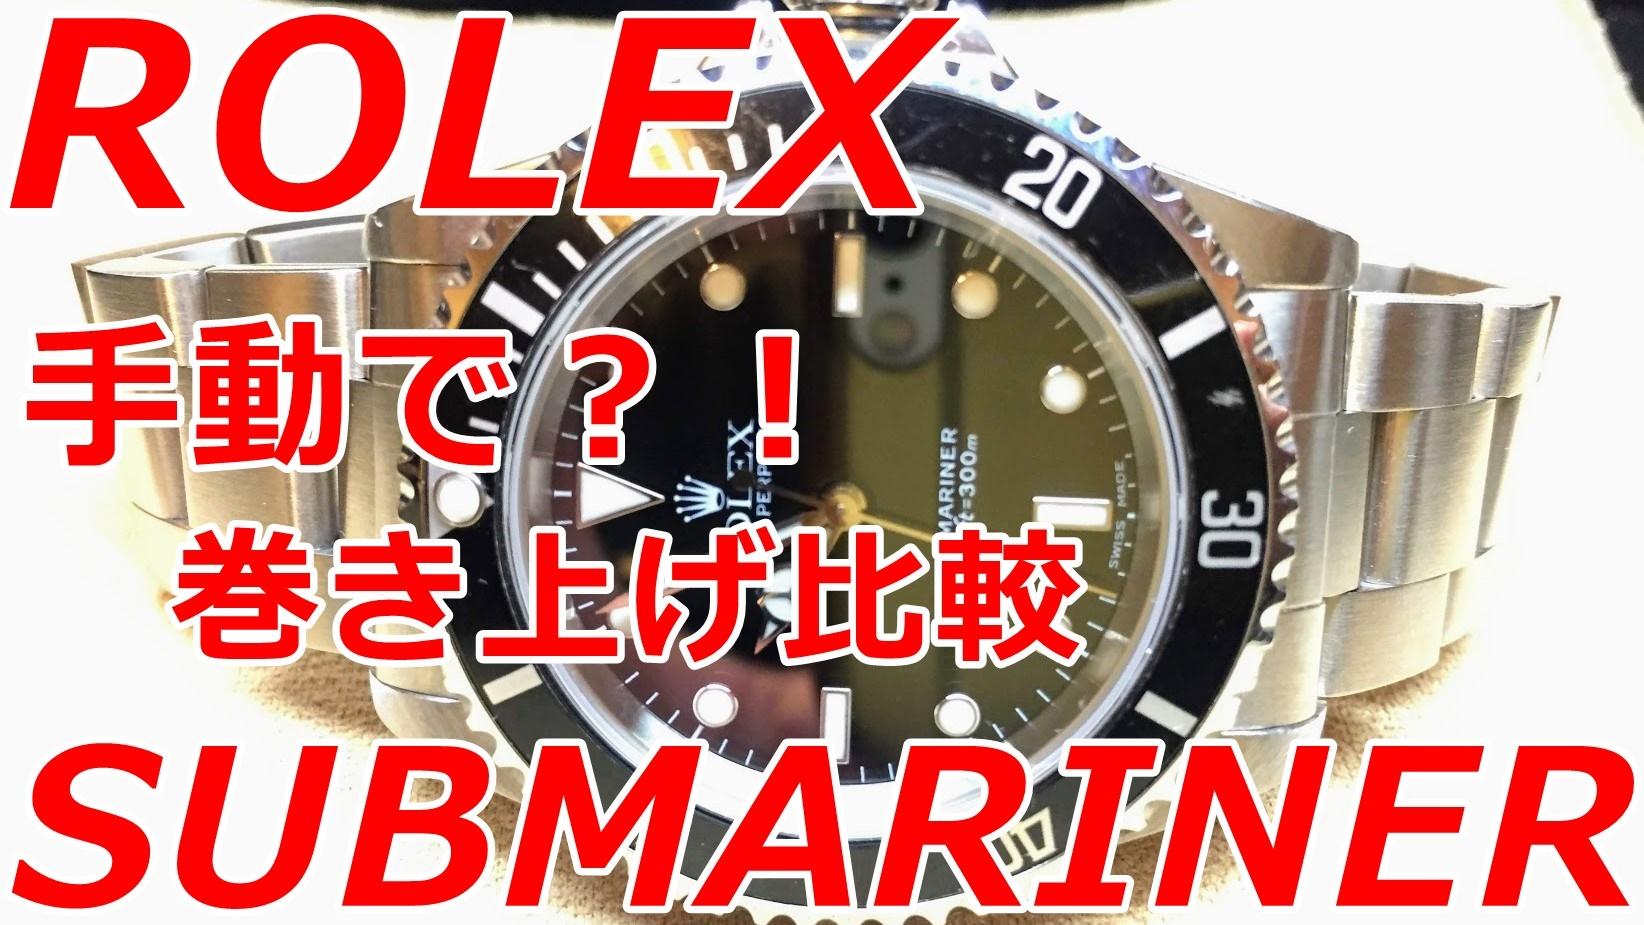 ロレックスサブマリーナー旧型手動巻き上げ比較やってみた ROLEX SUBMARINER Ref.14060 Year 2000 Hand Winding